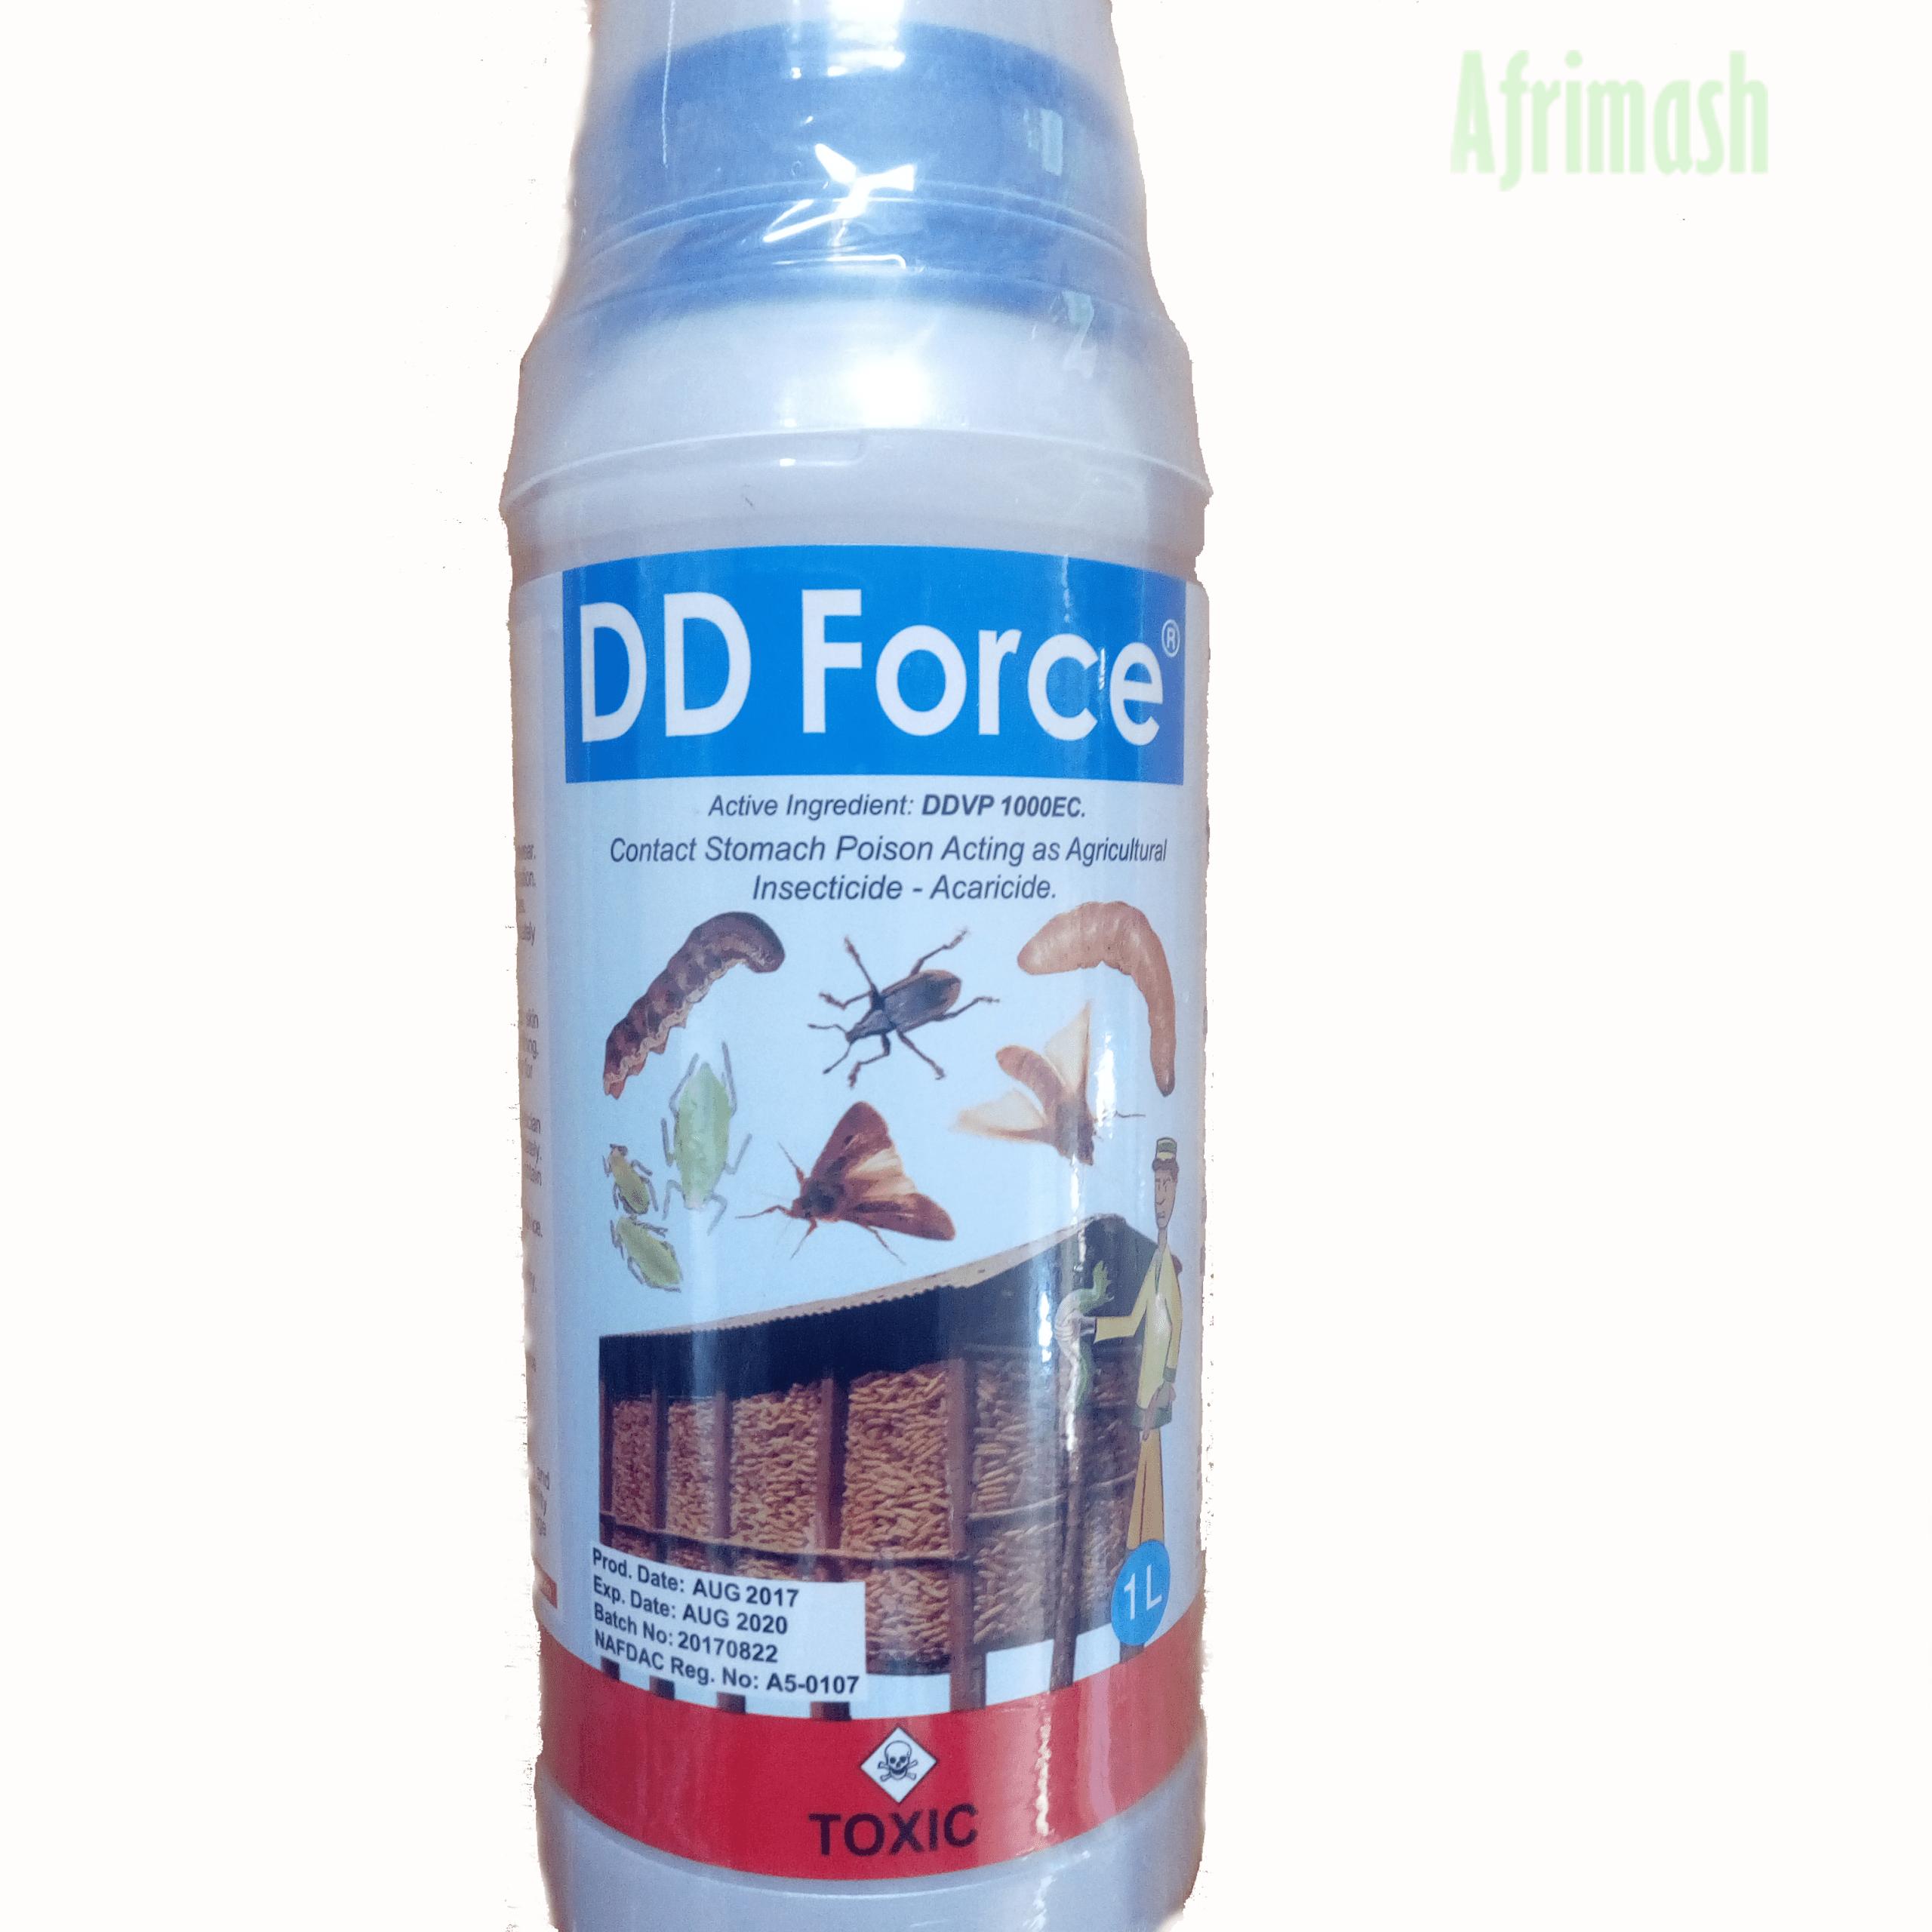 dd force